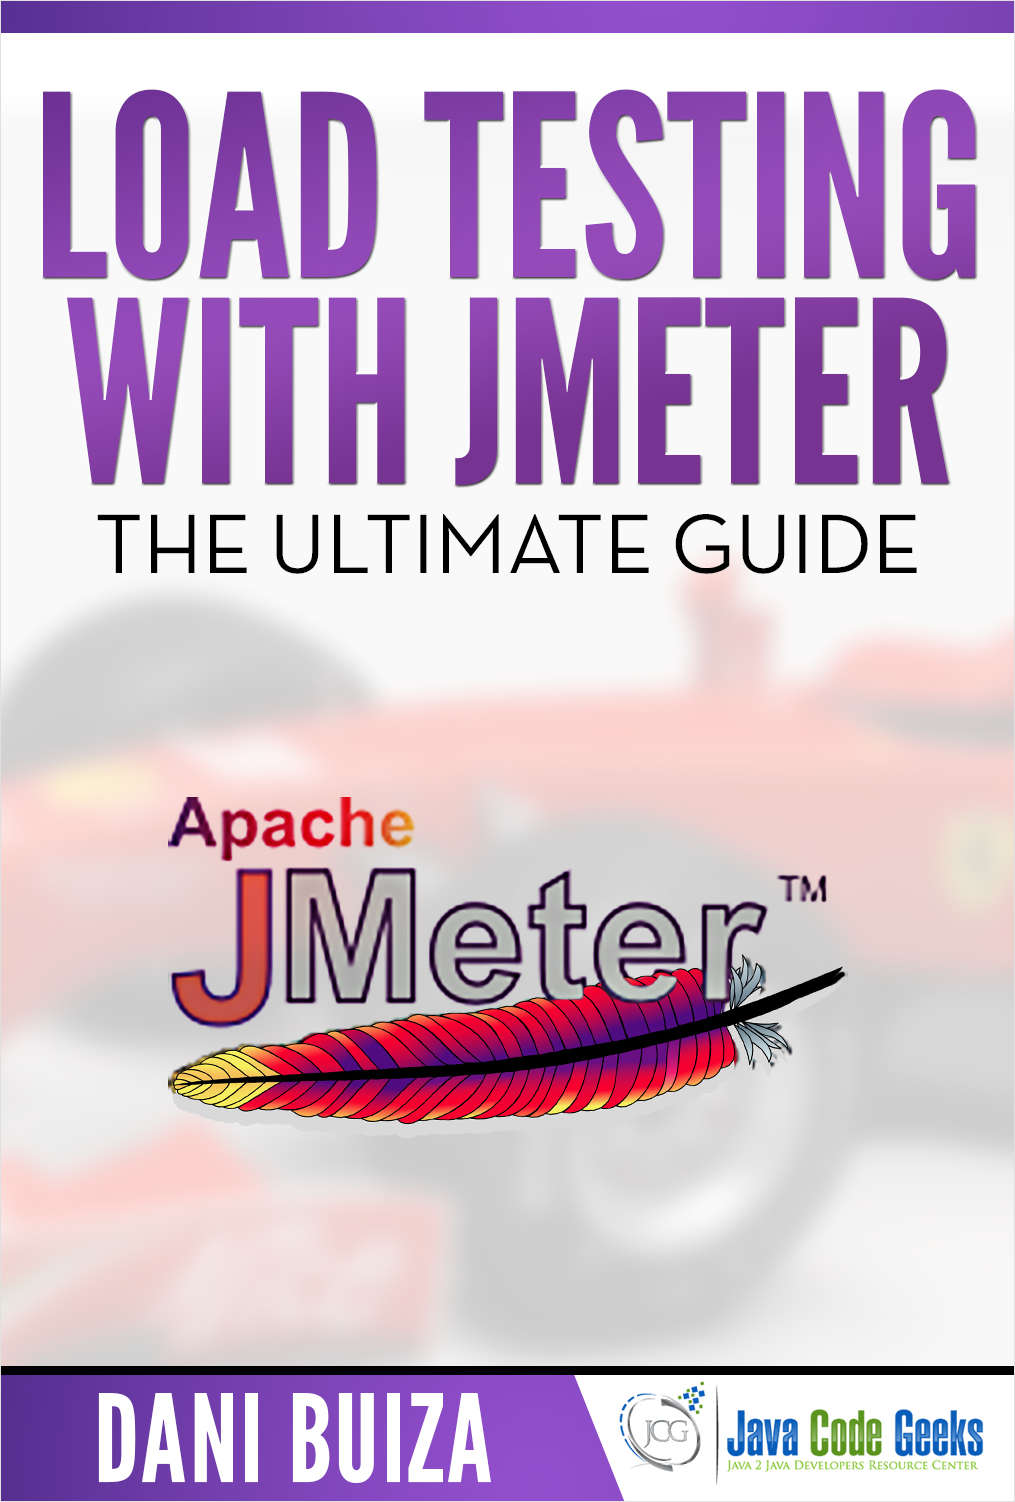 JMeter Tutorial Free Guide